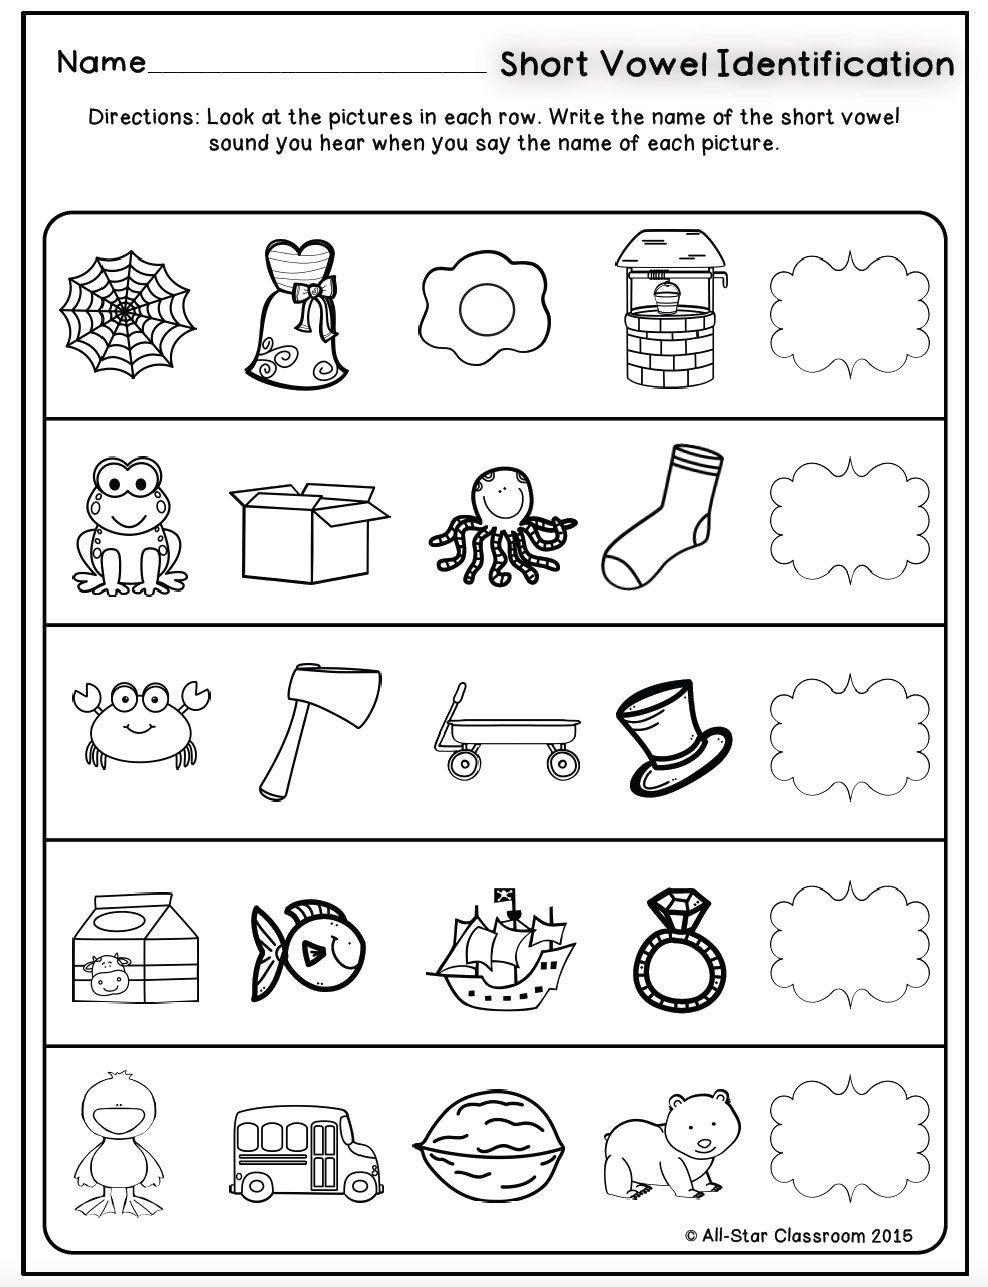 Short Vowels Identification Printables & Sorts Short